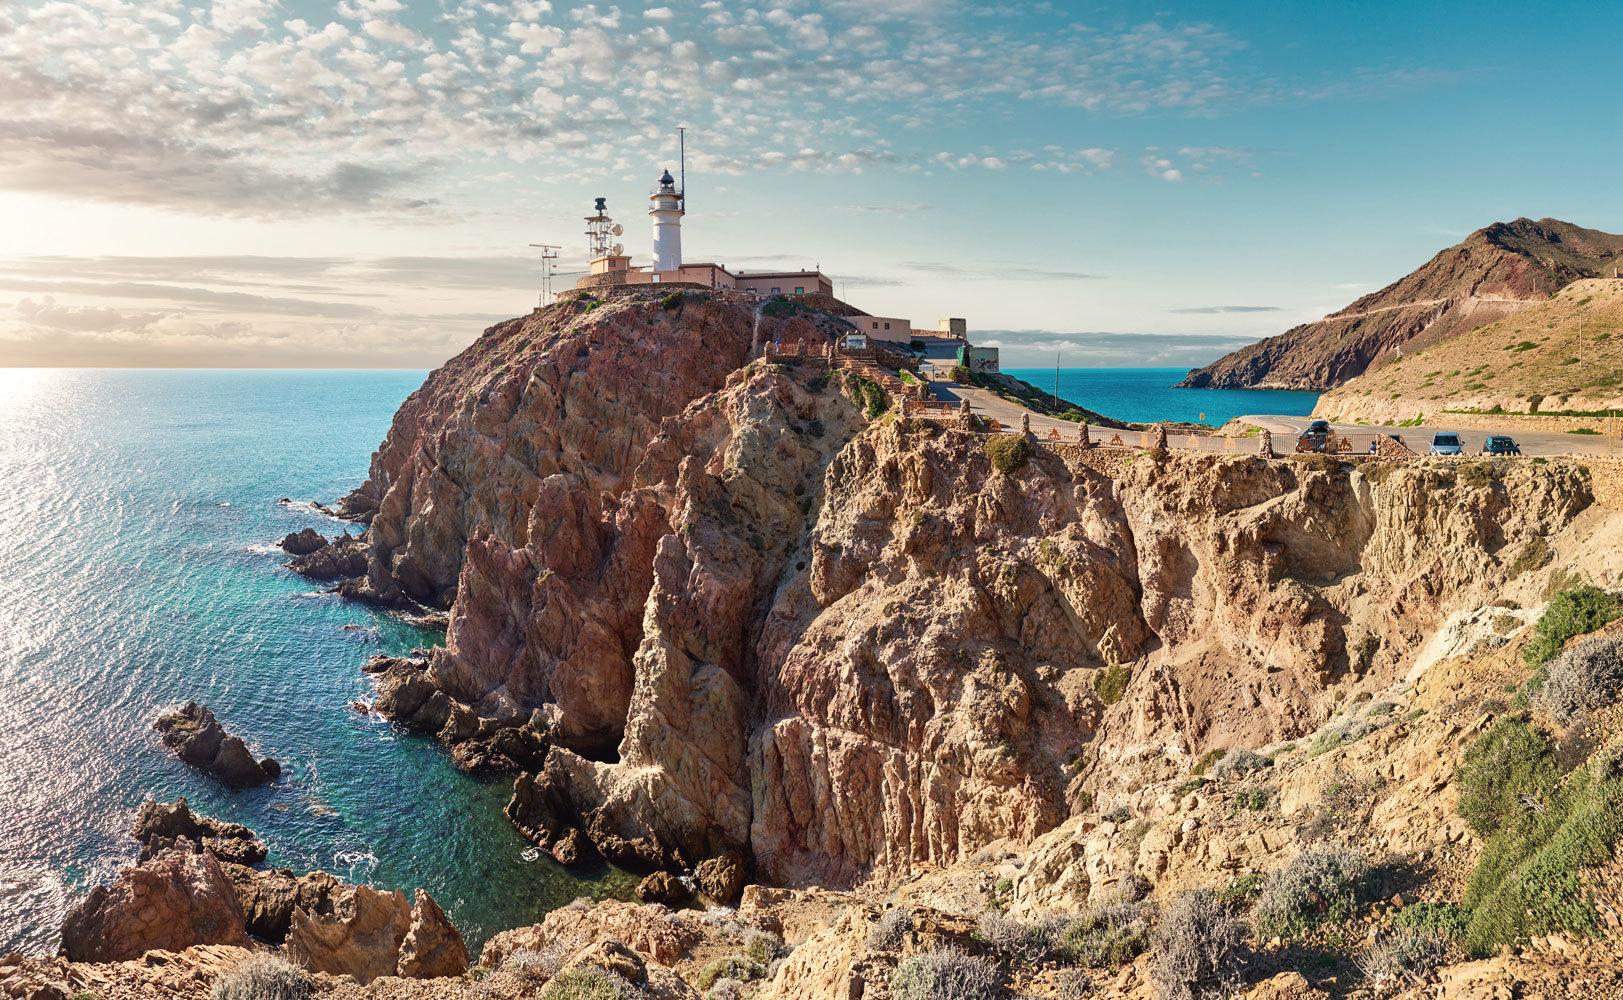 """La Ruta 181 ya es una realidad. Un nuevo recorrido por todos y cada uno de los faros de la <strong>Península Ibérica</strong> (181, de ahí el nombre) que cubre 4.800 kilómetros de costa. De ellos, <strong>140 faros pertenecen a España</strong> (tan bellos como el del Parque Natural de Cabo de Gata-Níjar, <a href=""""https://www.elmundo.es/viajes/espana/2019/07/15/5d12048521efa0a0578b47cc.html"""" target=""""_blank"""">en Amería</a>, en la imagen superior), mientras que 40 lo hacen Portugal y tan solo uno a Gibraltar."""